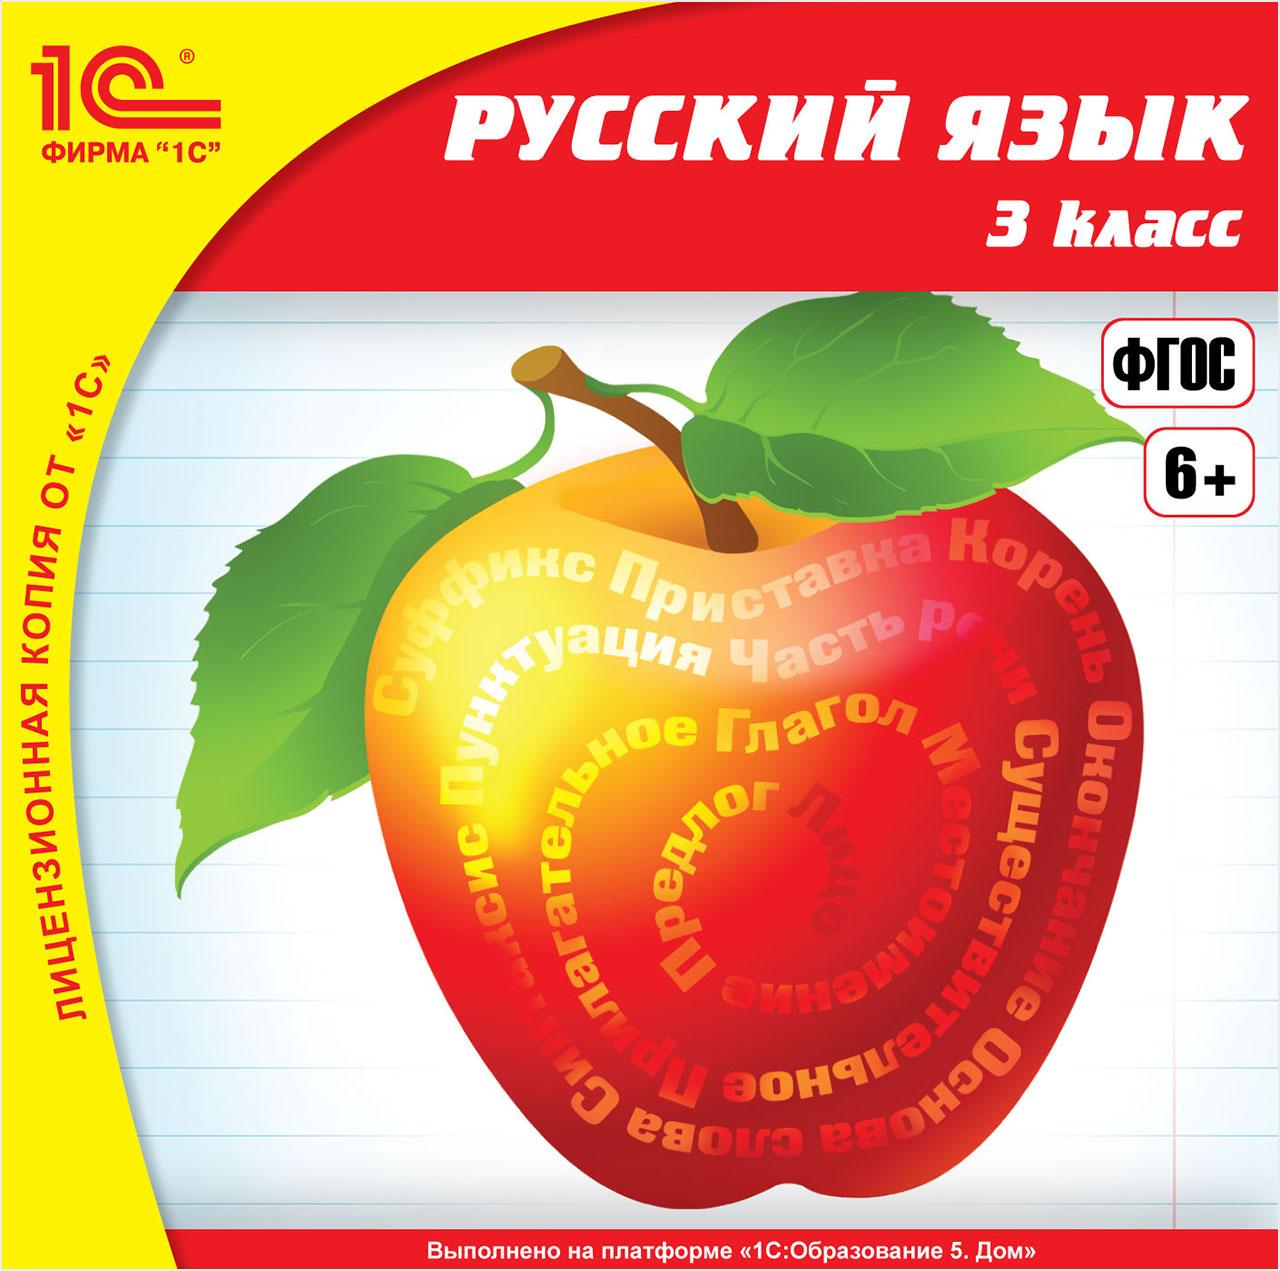 Русский язык, 3 класс немецкий язык 2 класс spektrum учебное пособие фгос